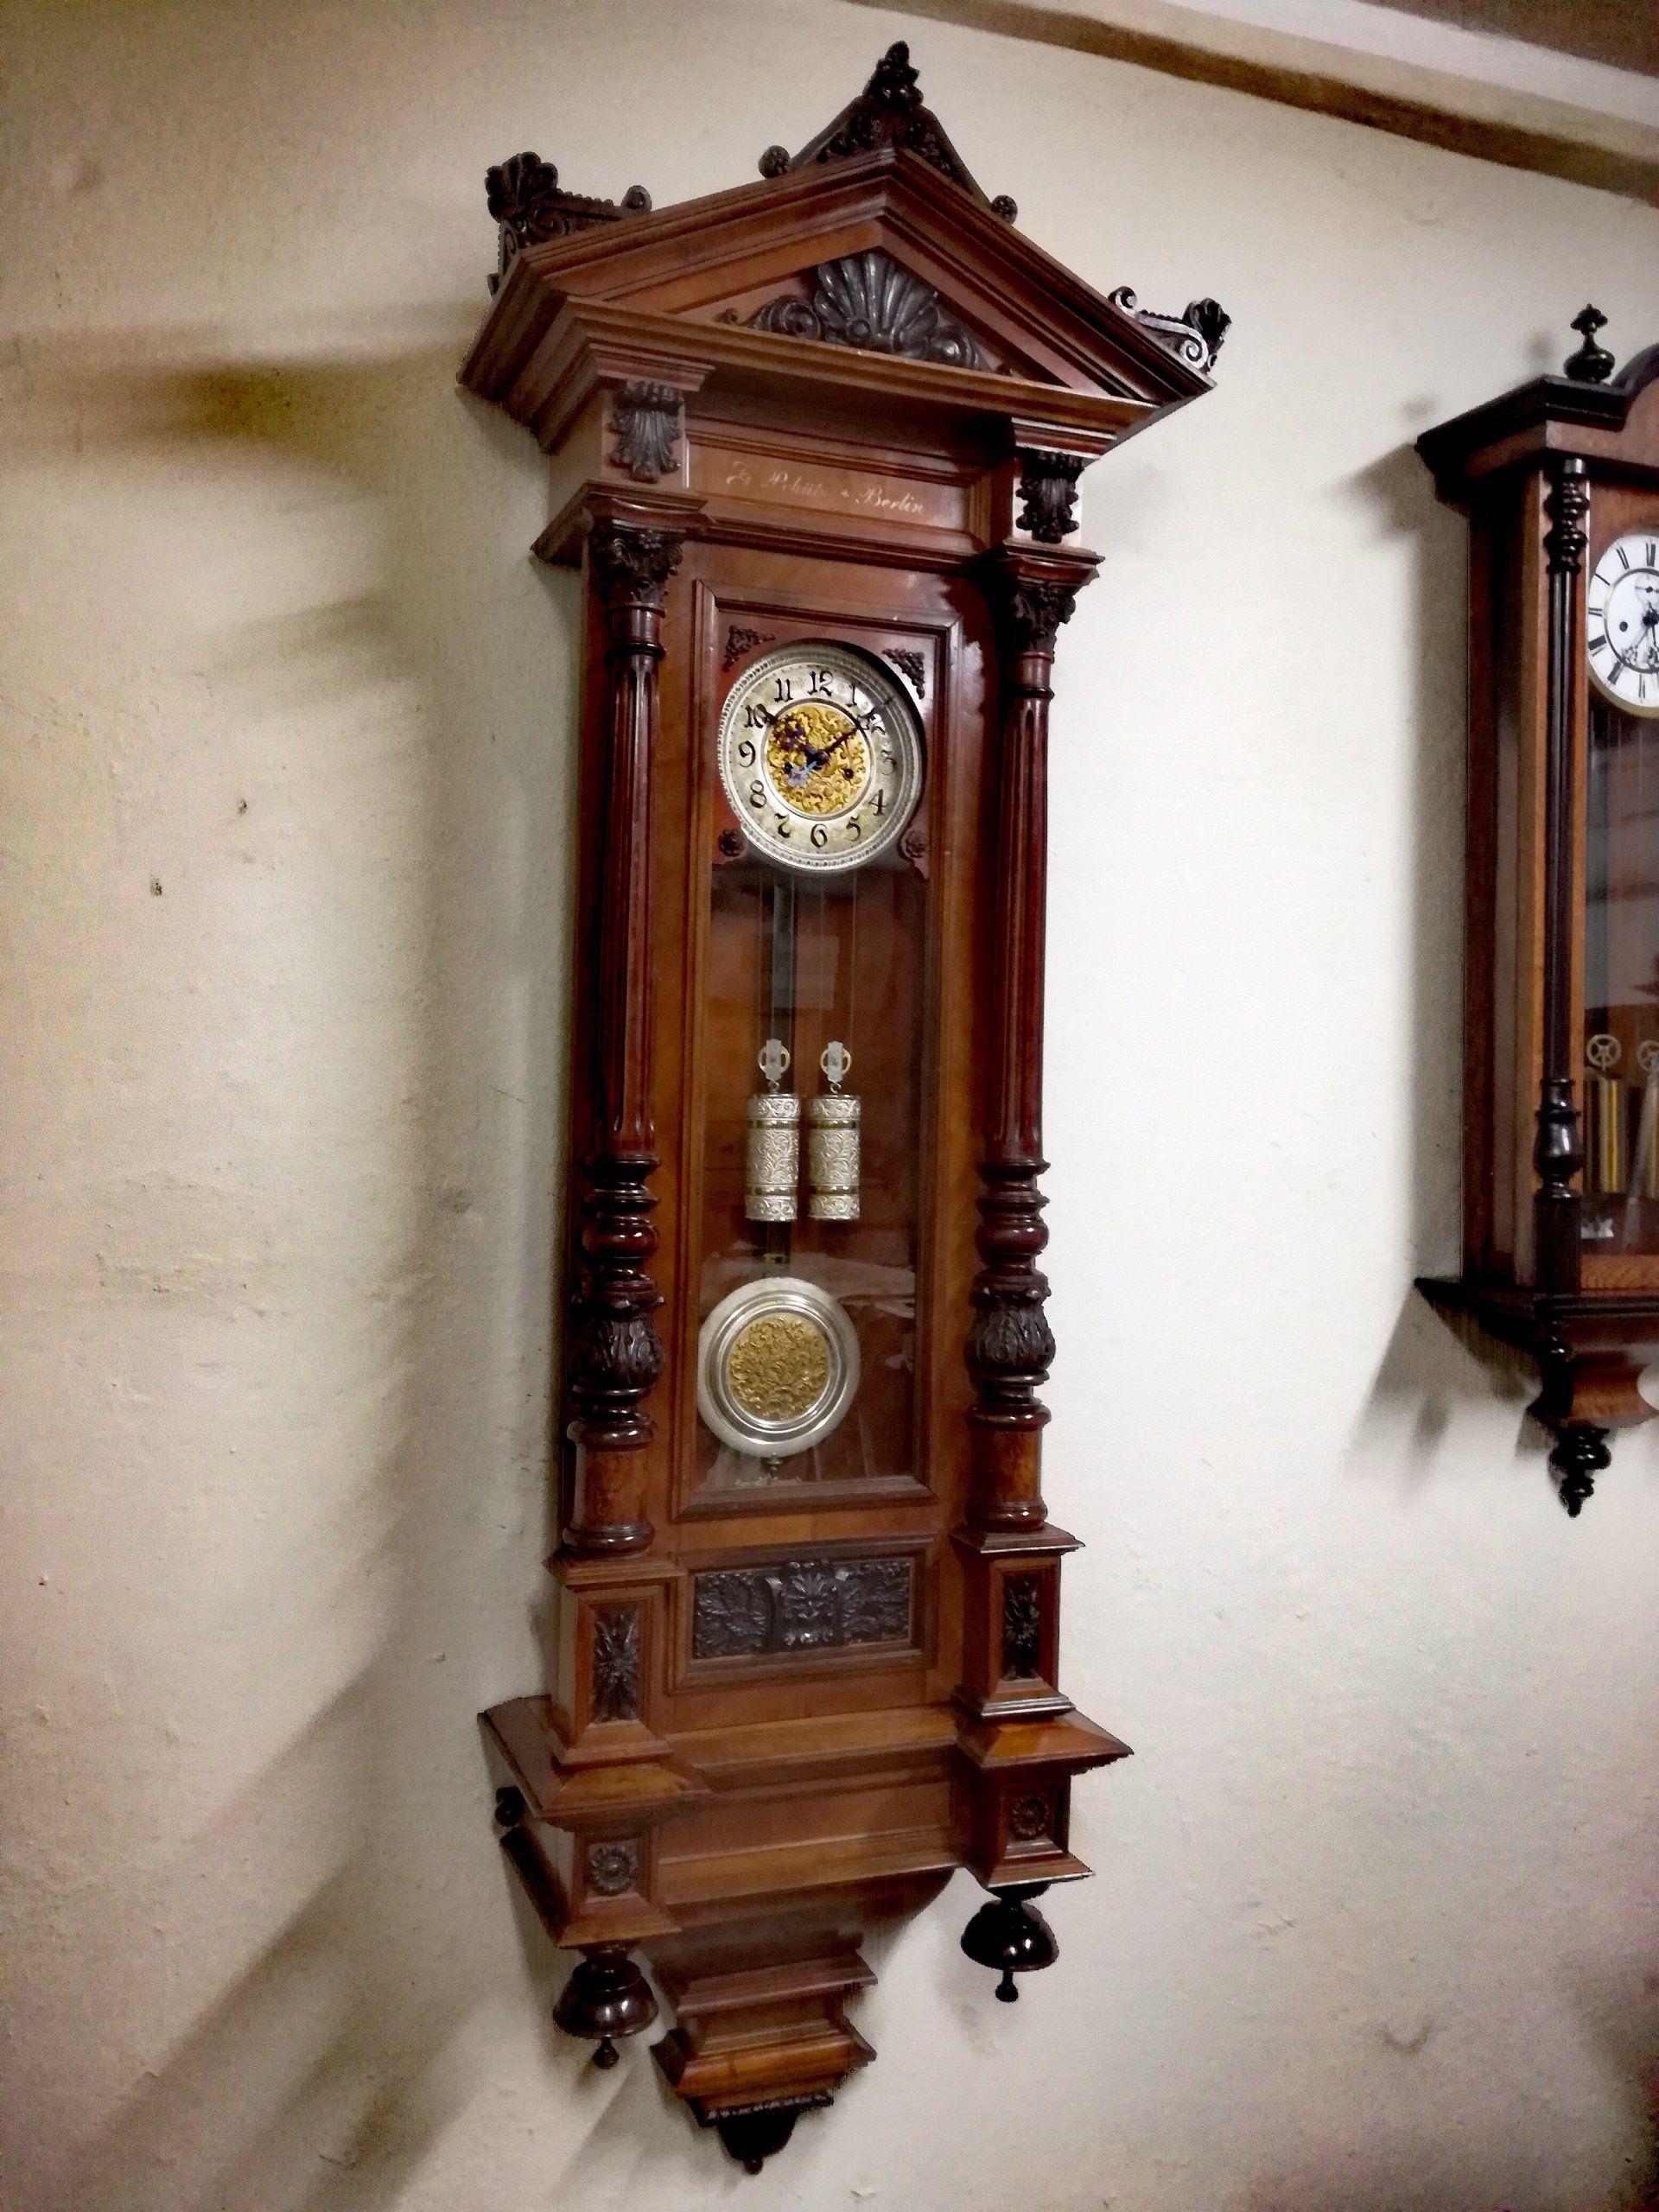 Imponujacy Zegar Wiszacy Wagowy Gustav Becker 165c Zegar Zegar Scienny Renowacja